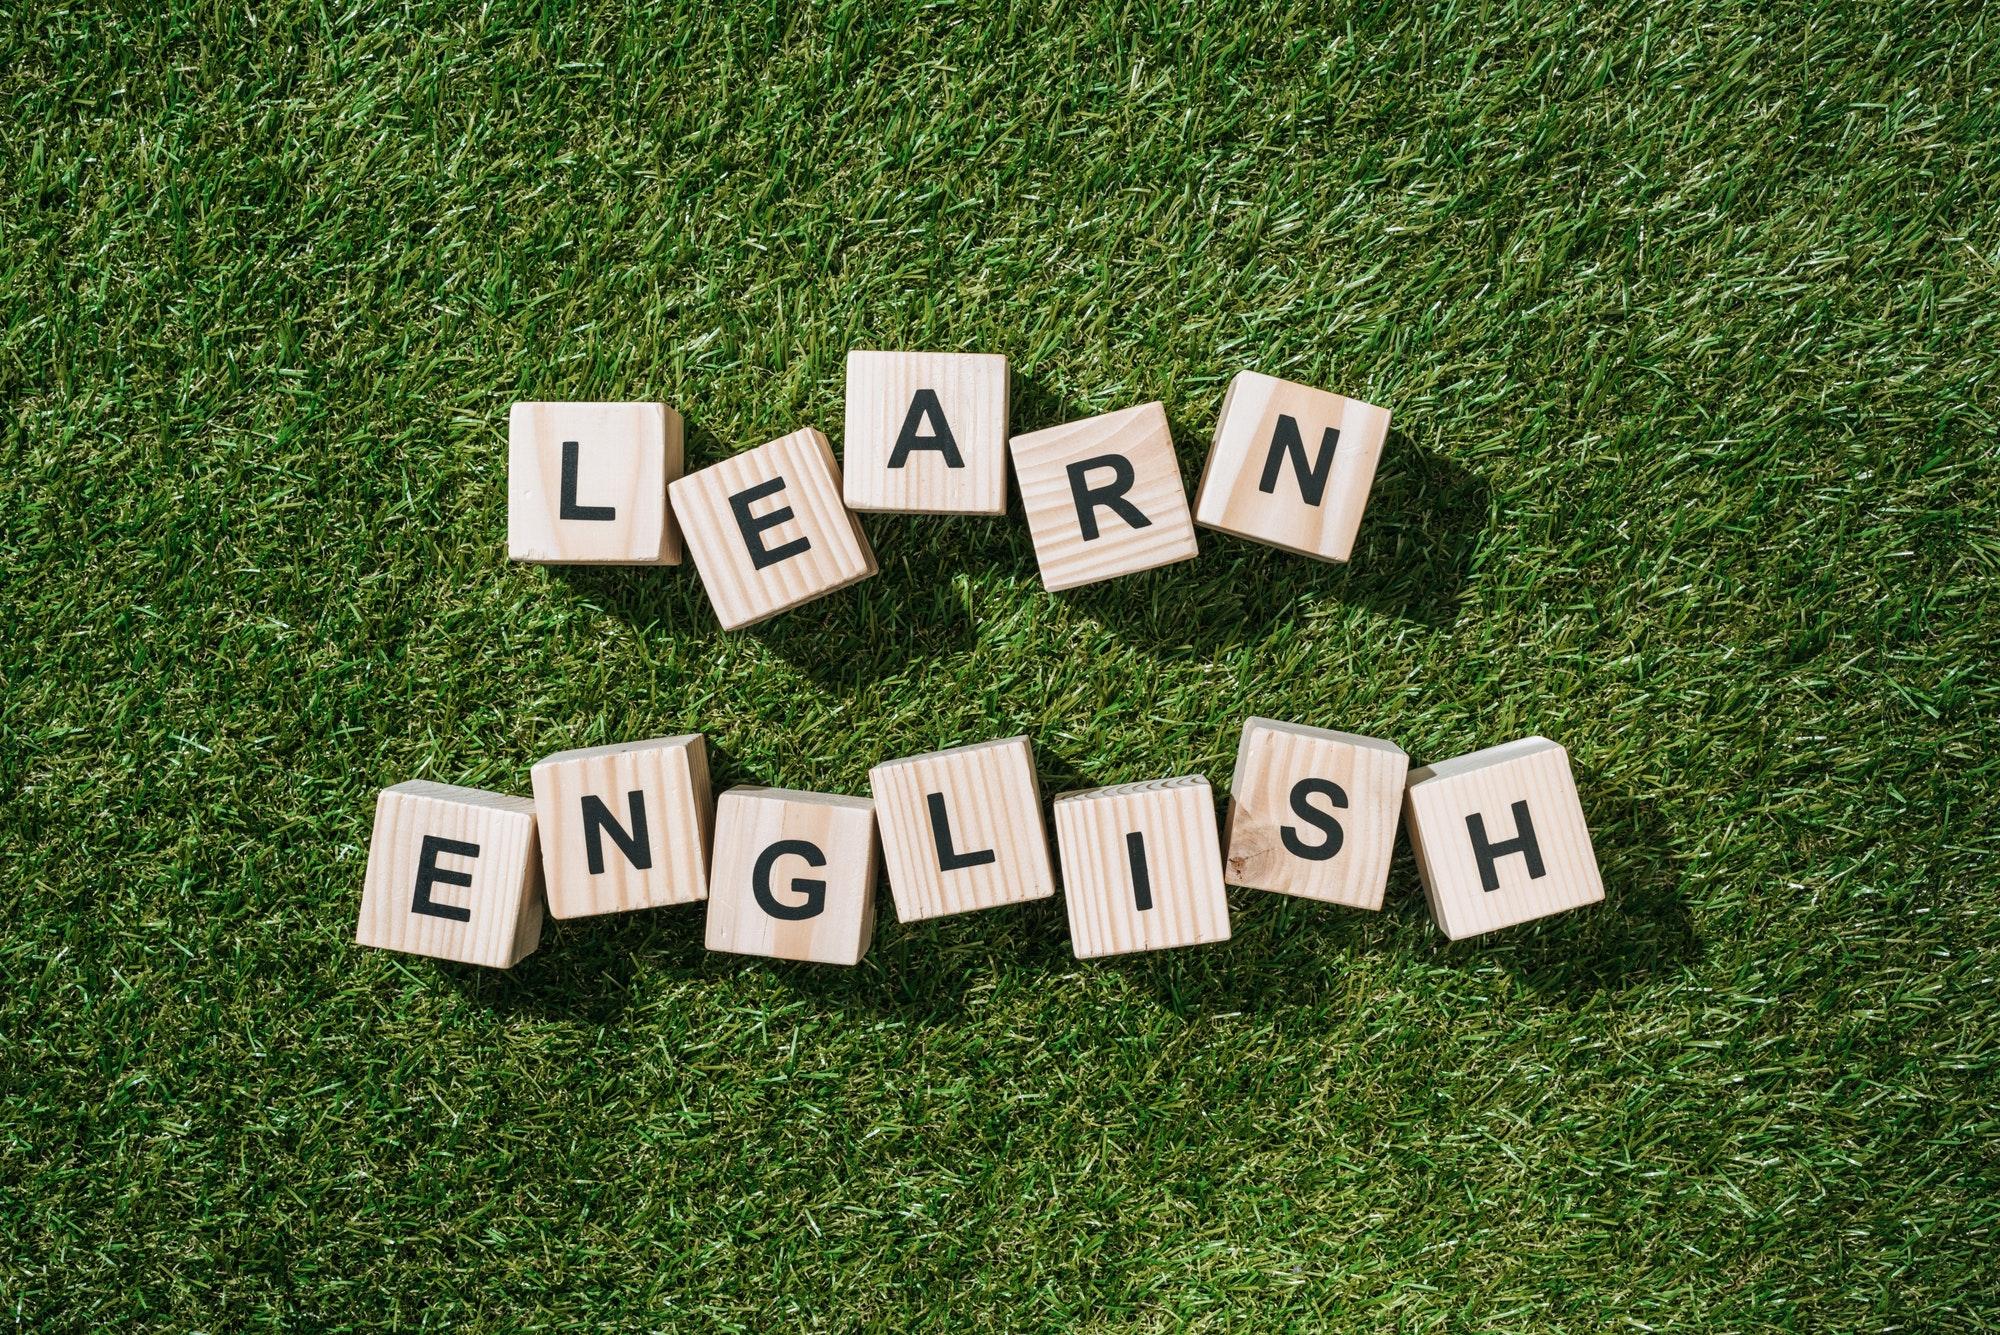 كيفية تعلم الانجليزية بسرعة وسهولة